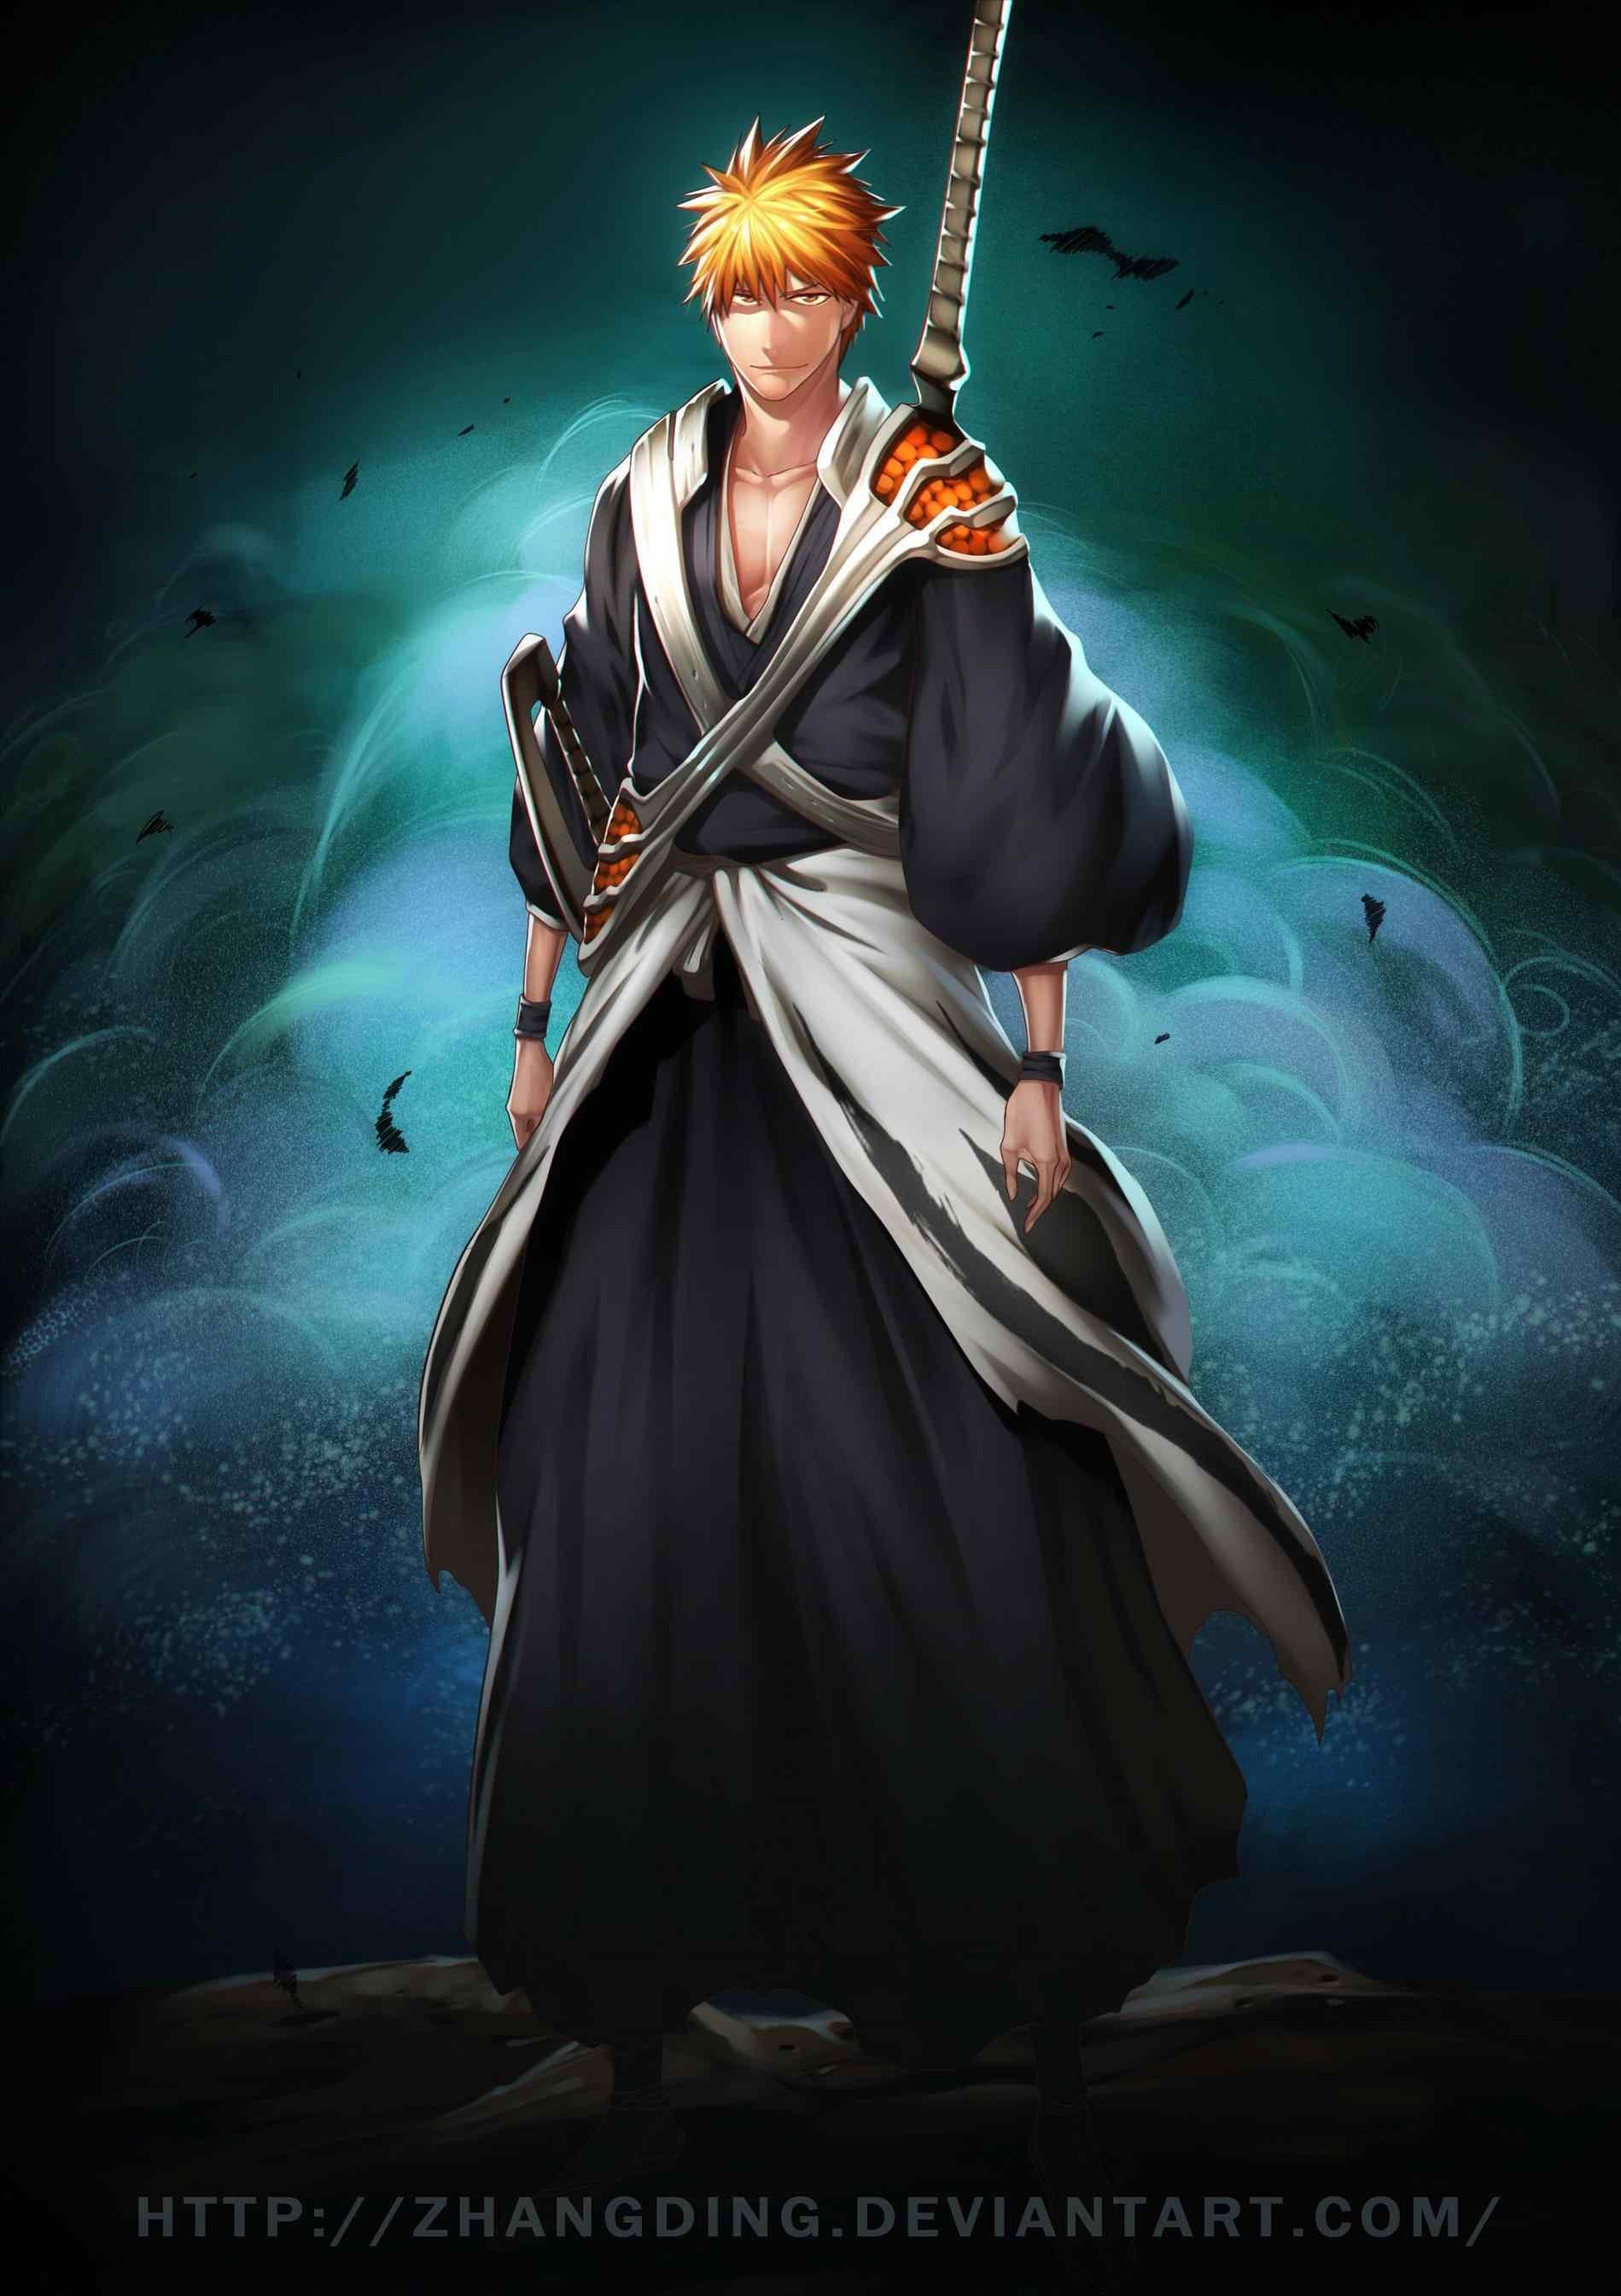 Res: 1899x2690, chikararyoku on deviantart tensa ichigo kurosaki new bankai sword zangetsu  by chikararyoku on deviantart hd wallpaper